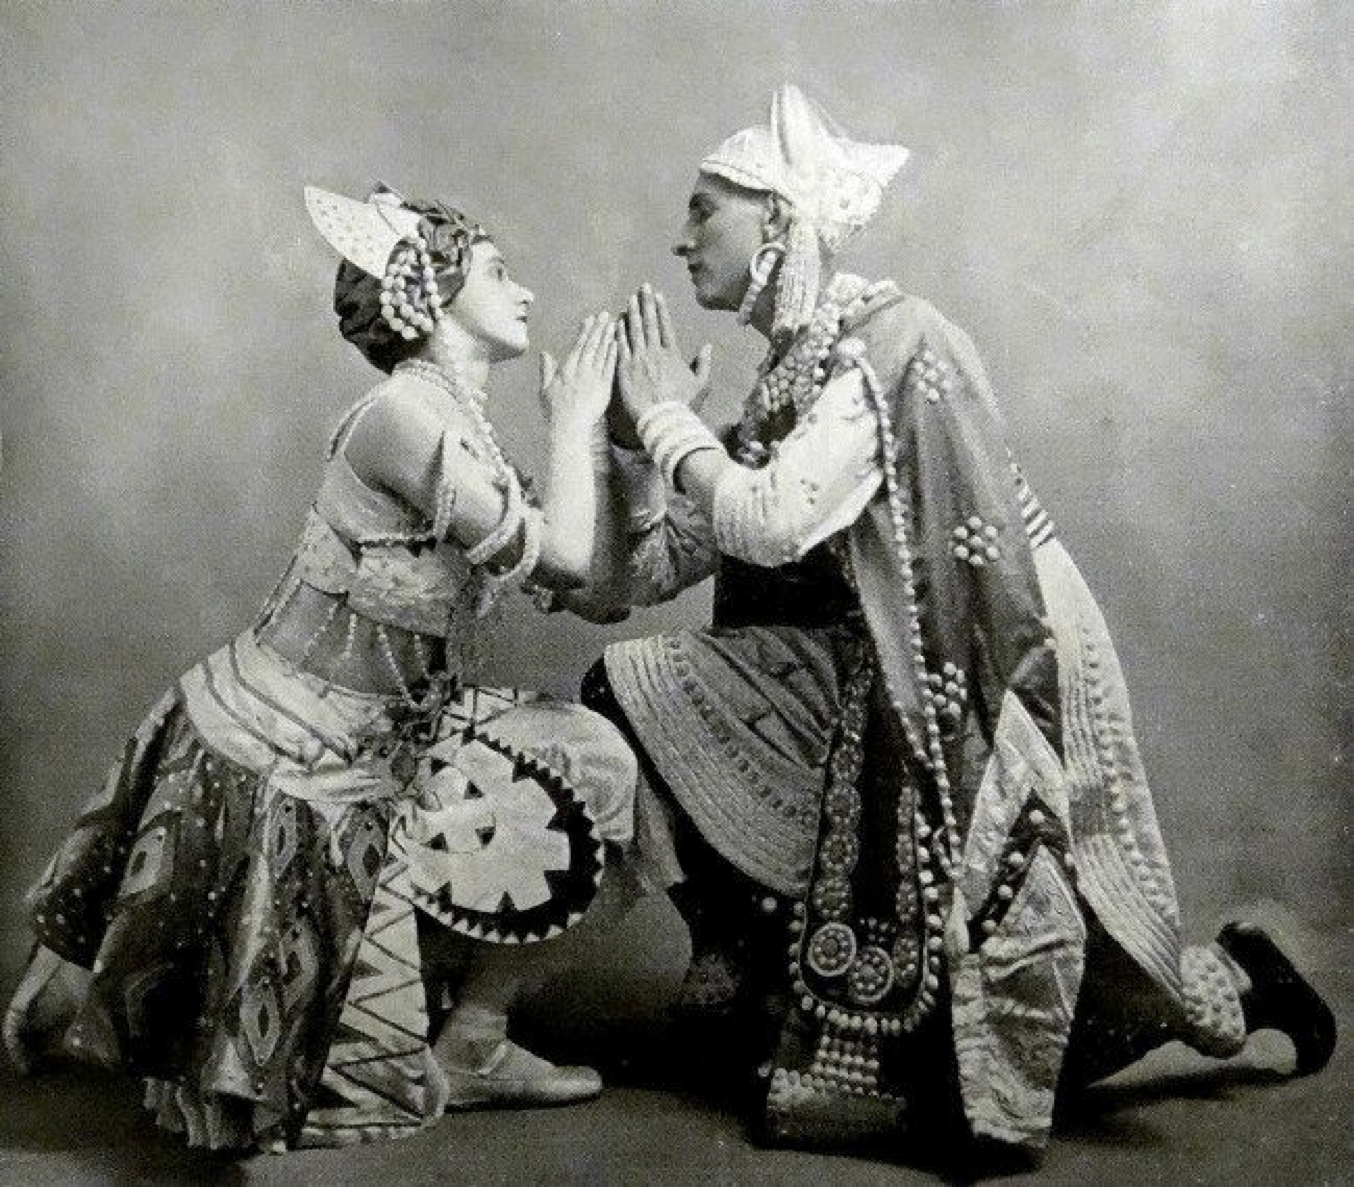 Кръстопътните начала и разклонения на професионалния балет в България